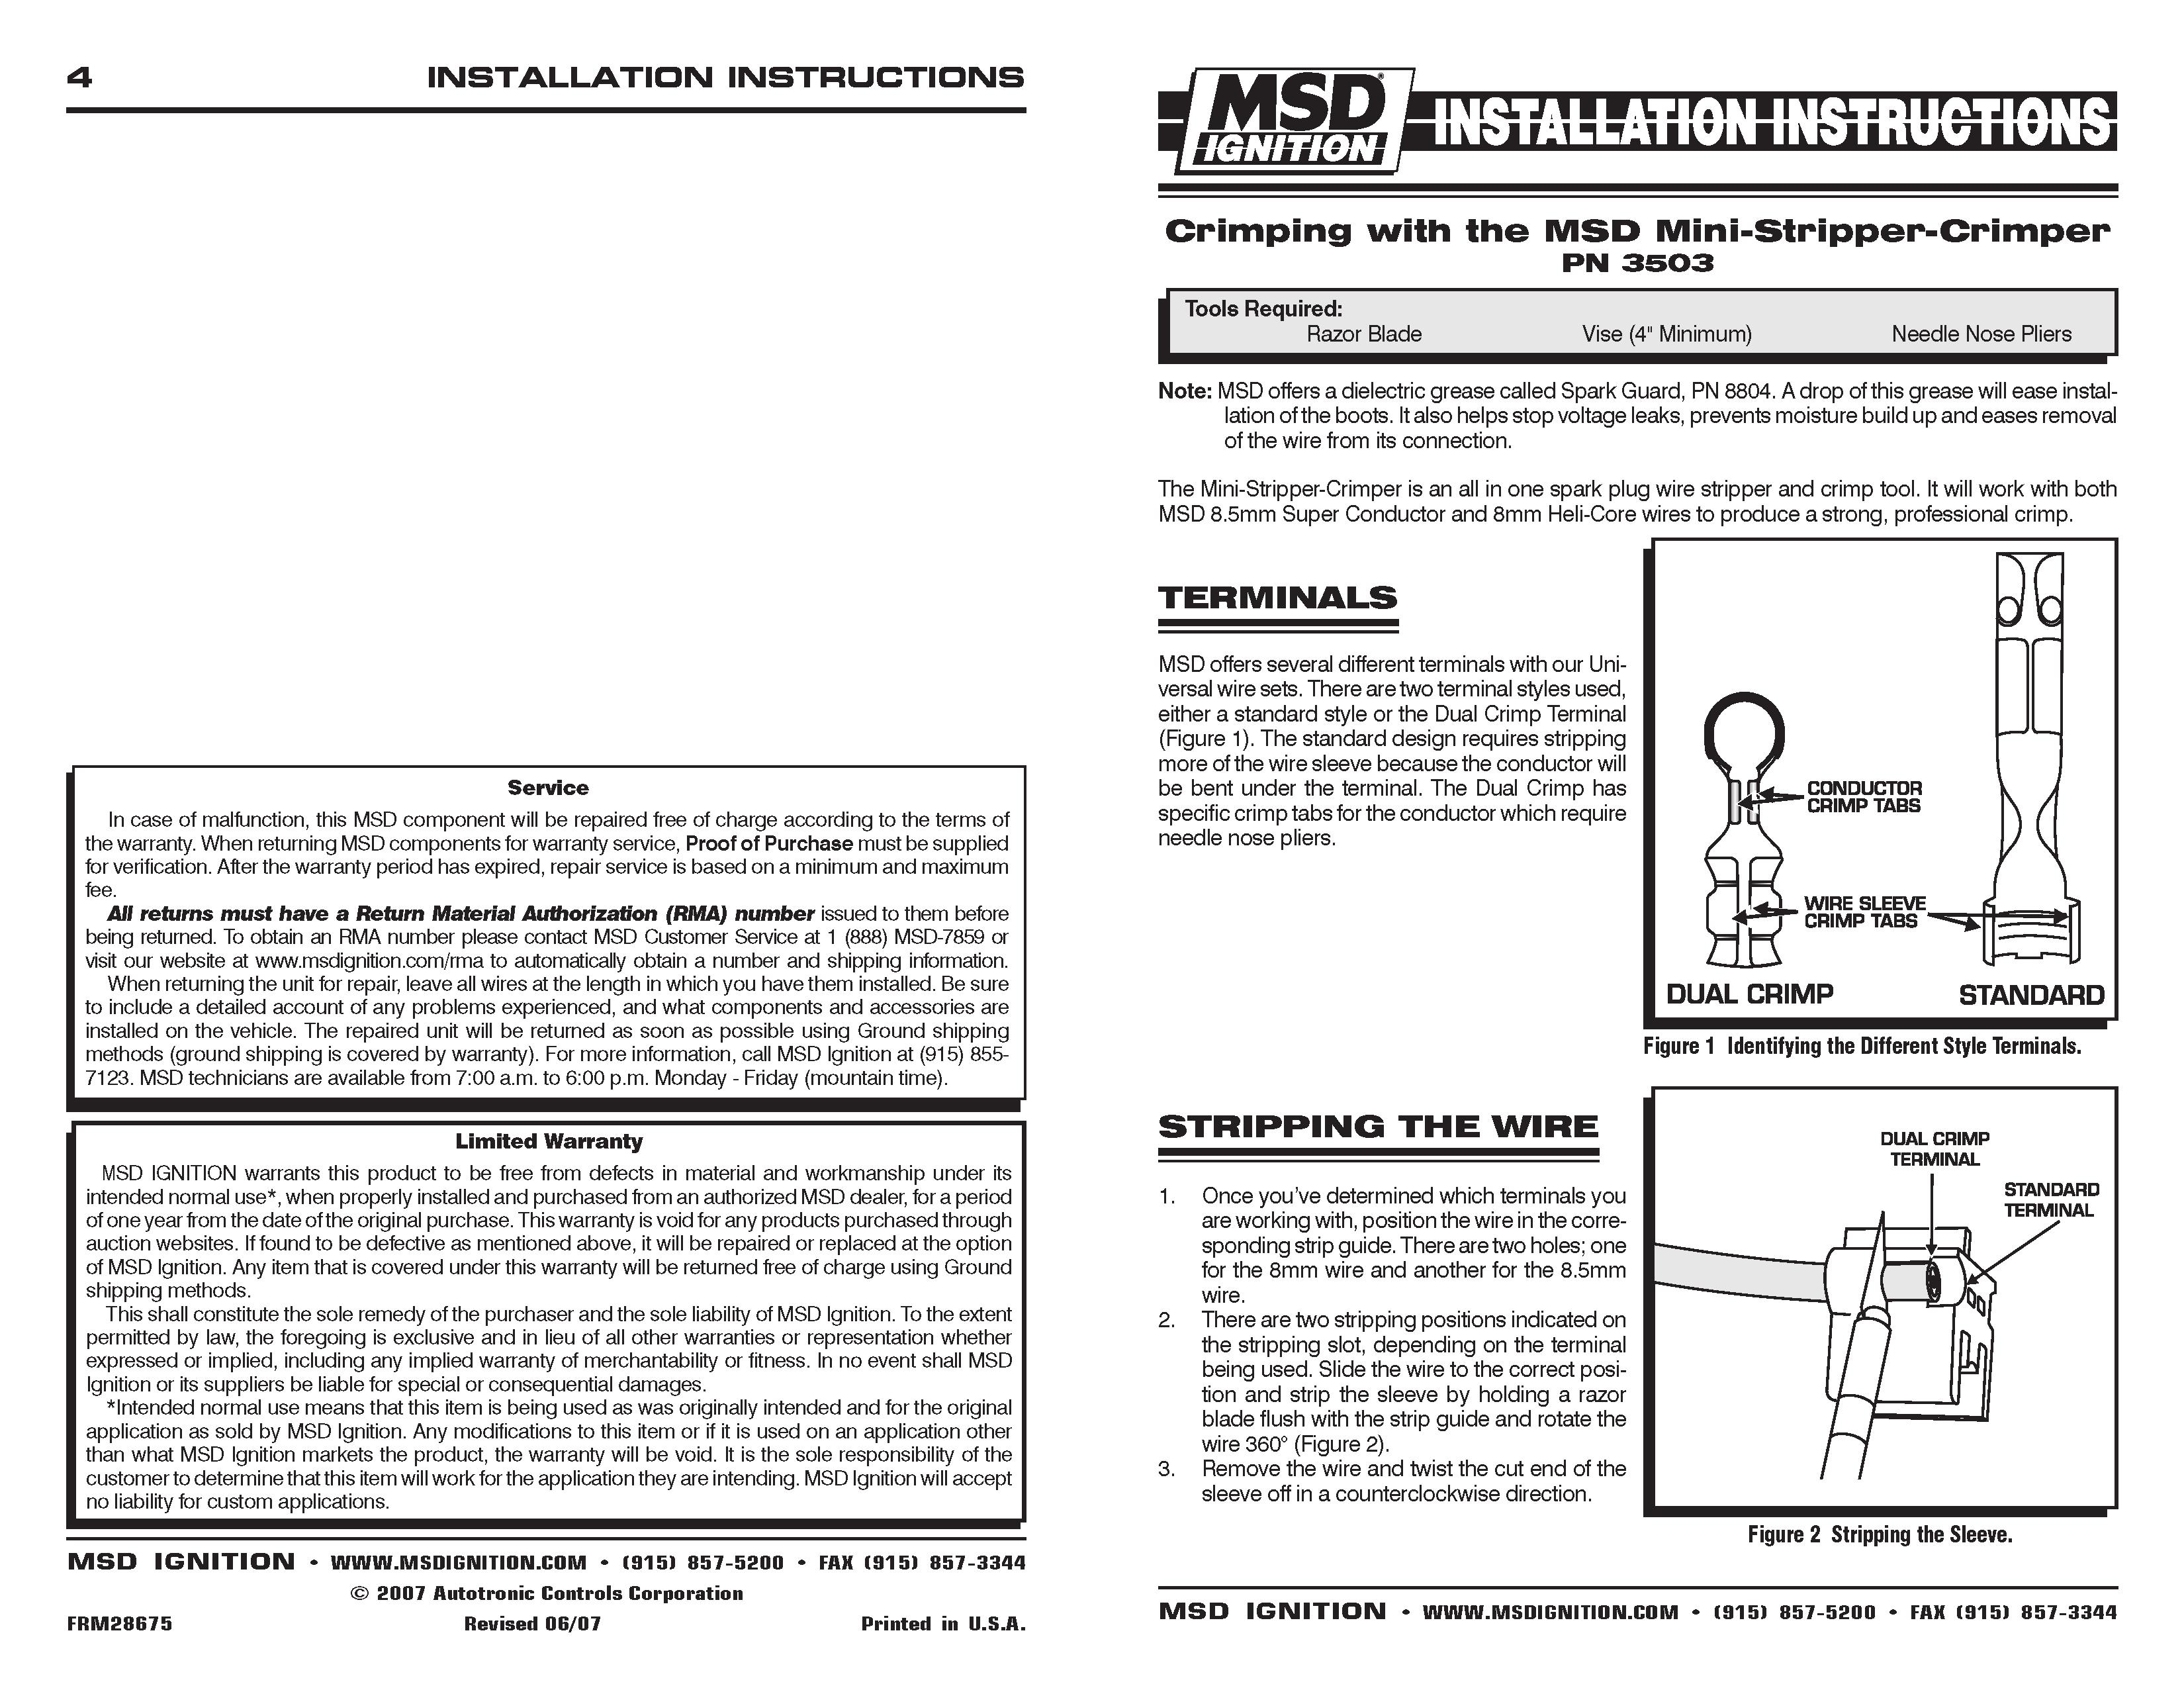 3503-msd-dual-crimp-page-1.png